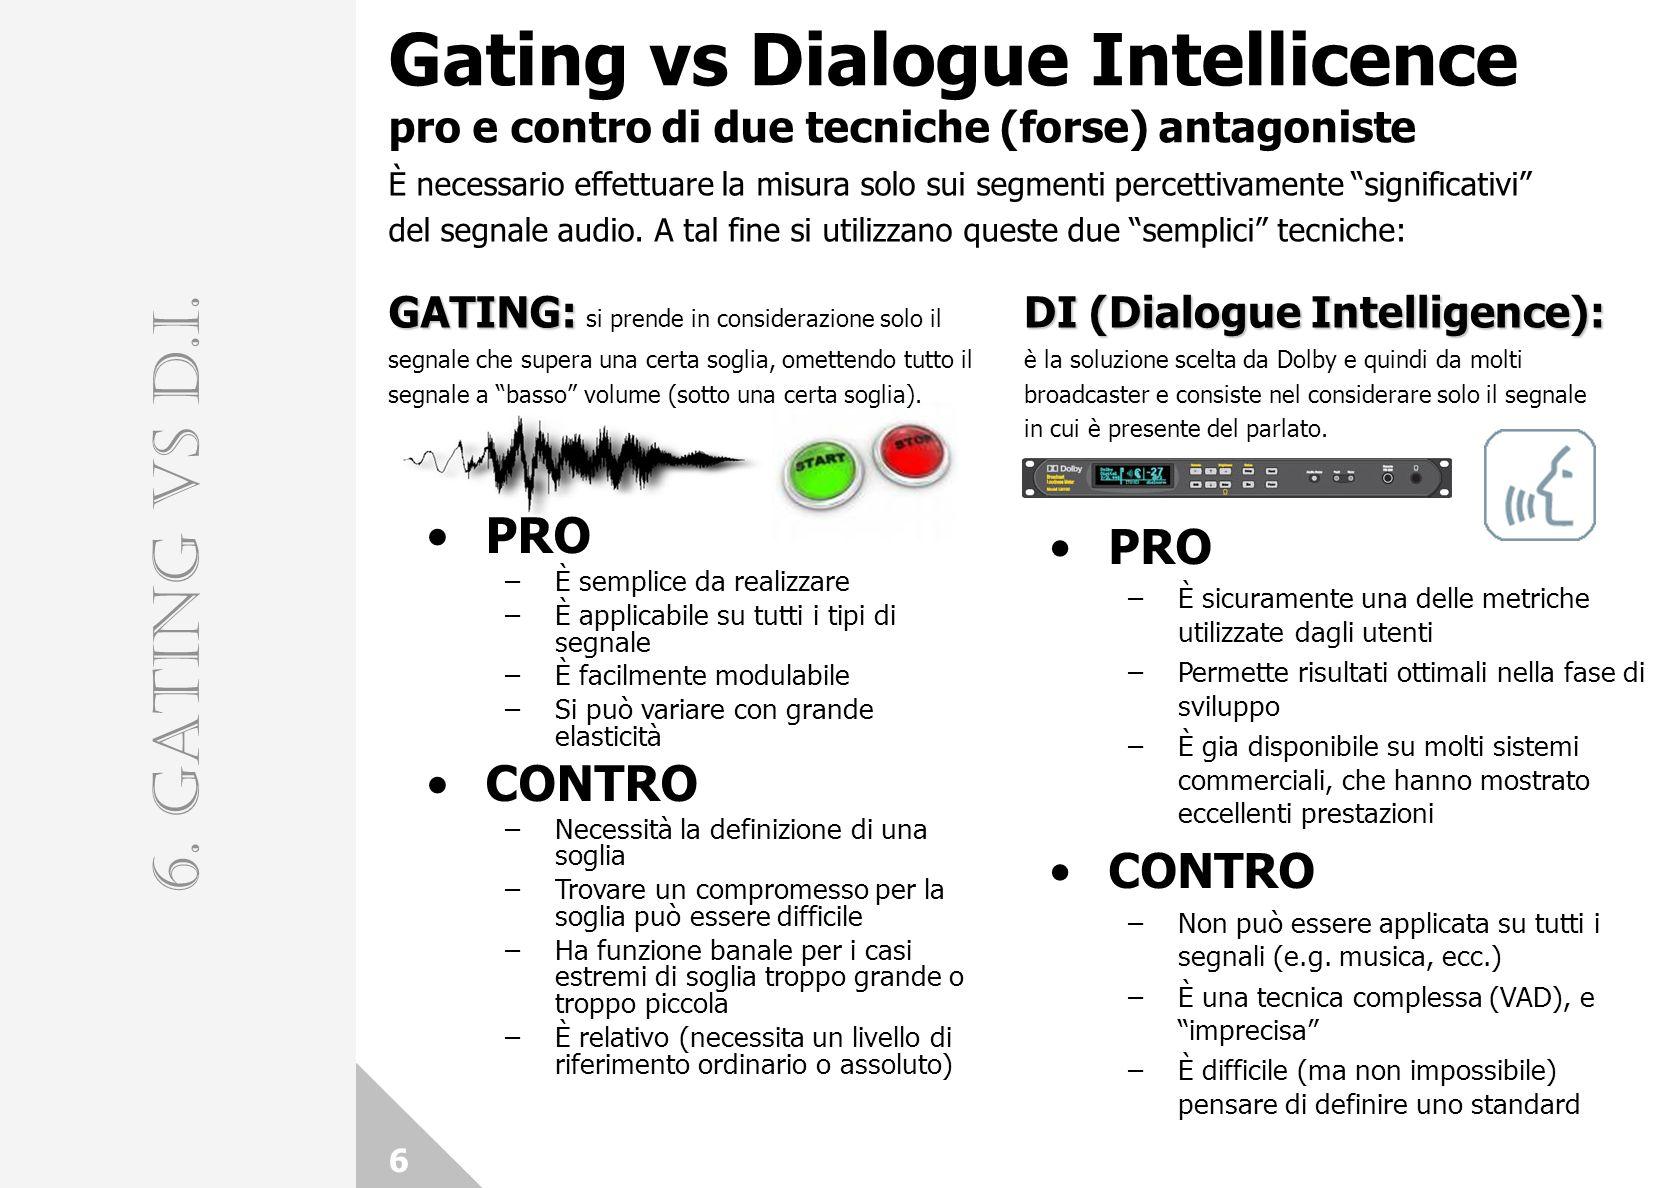 6 Gating vs Dialogue Intellicence pro e contro di due tecniche (forse) antagoniste 6.